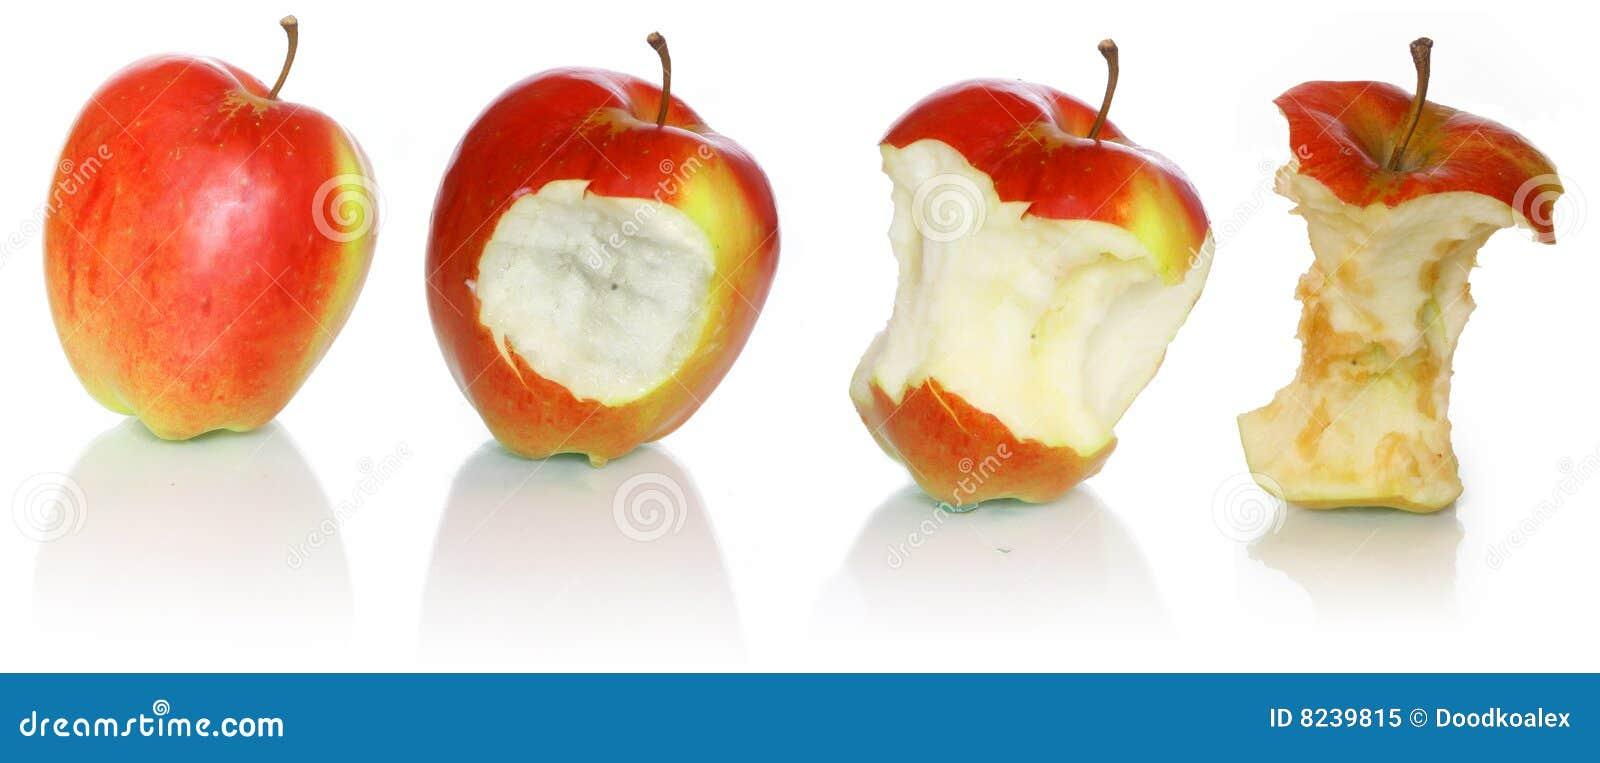 Apple-Entwicklung